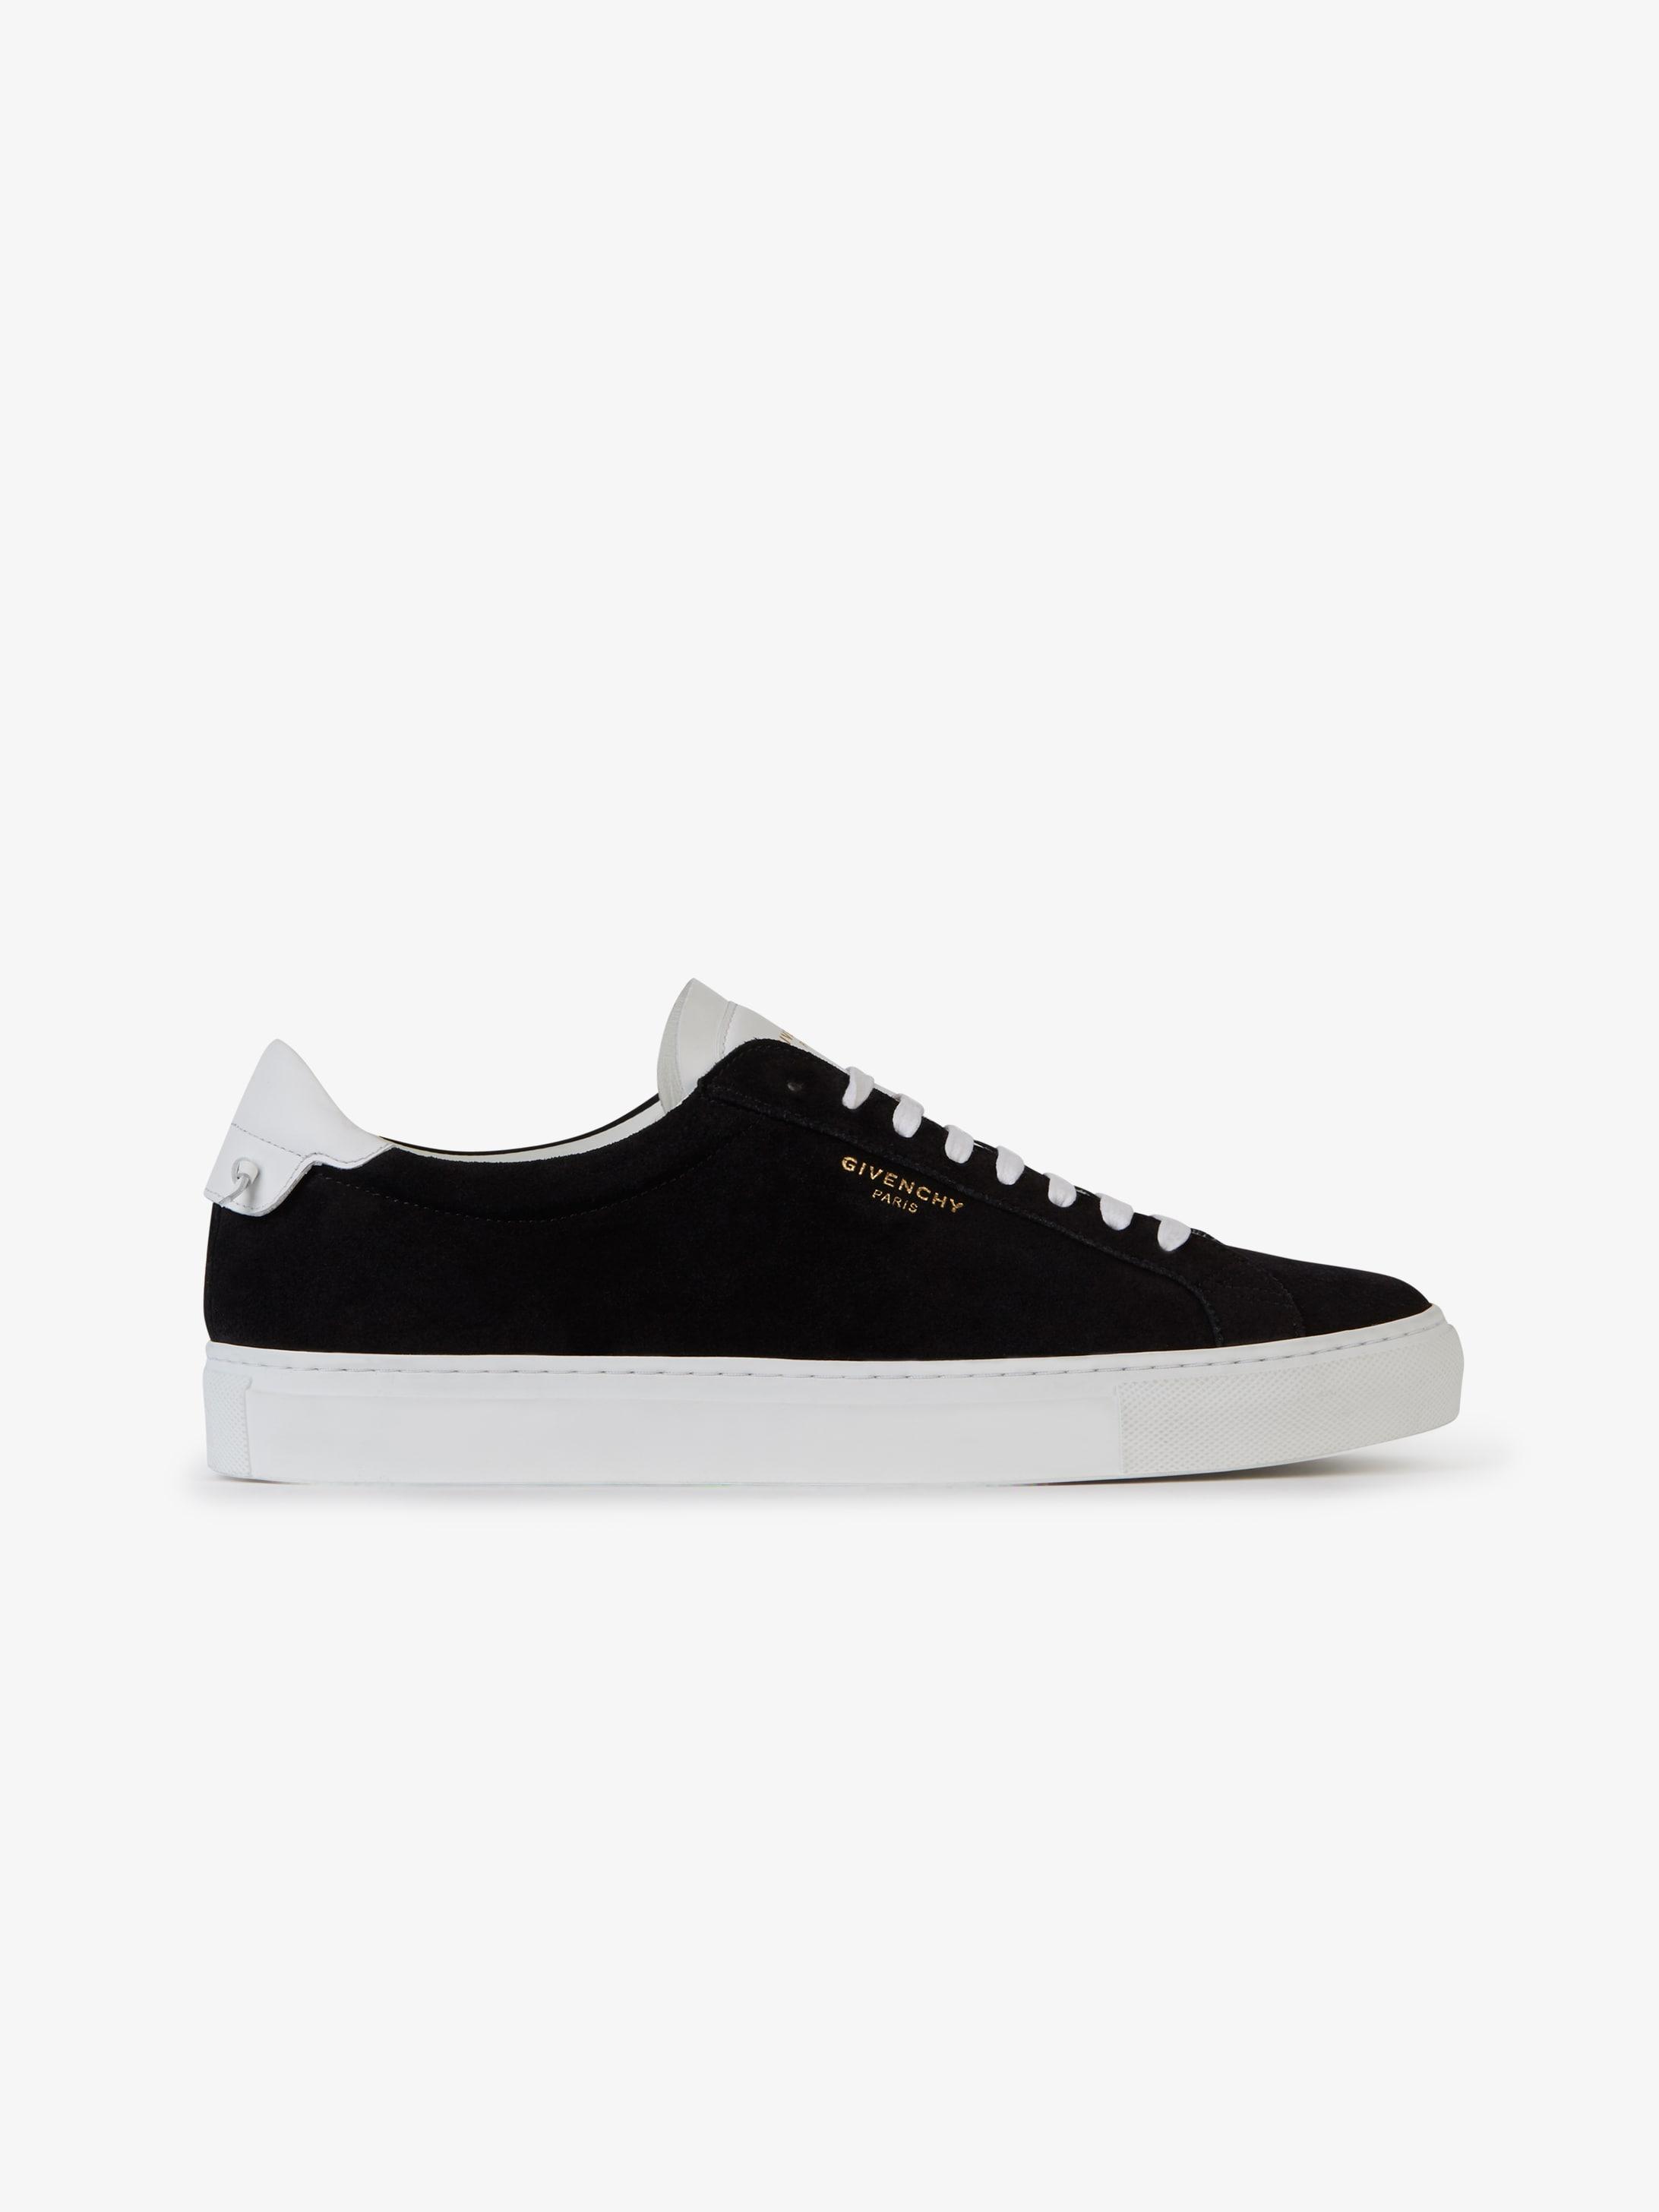 Low sneakers in bicolor suede